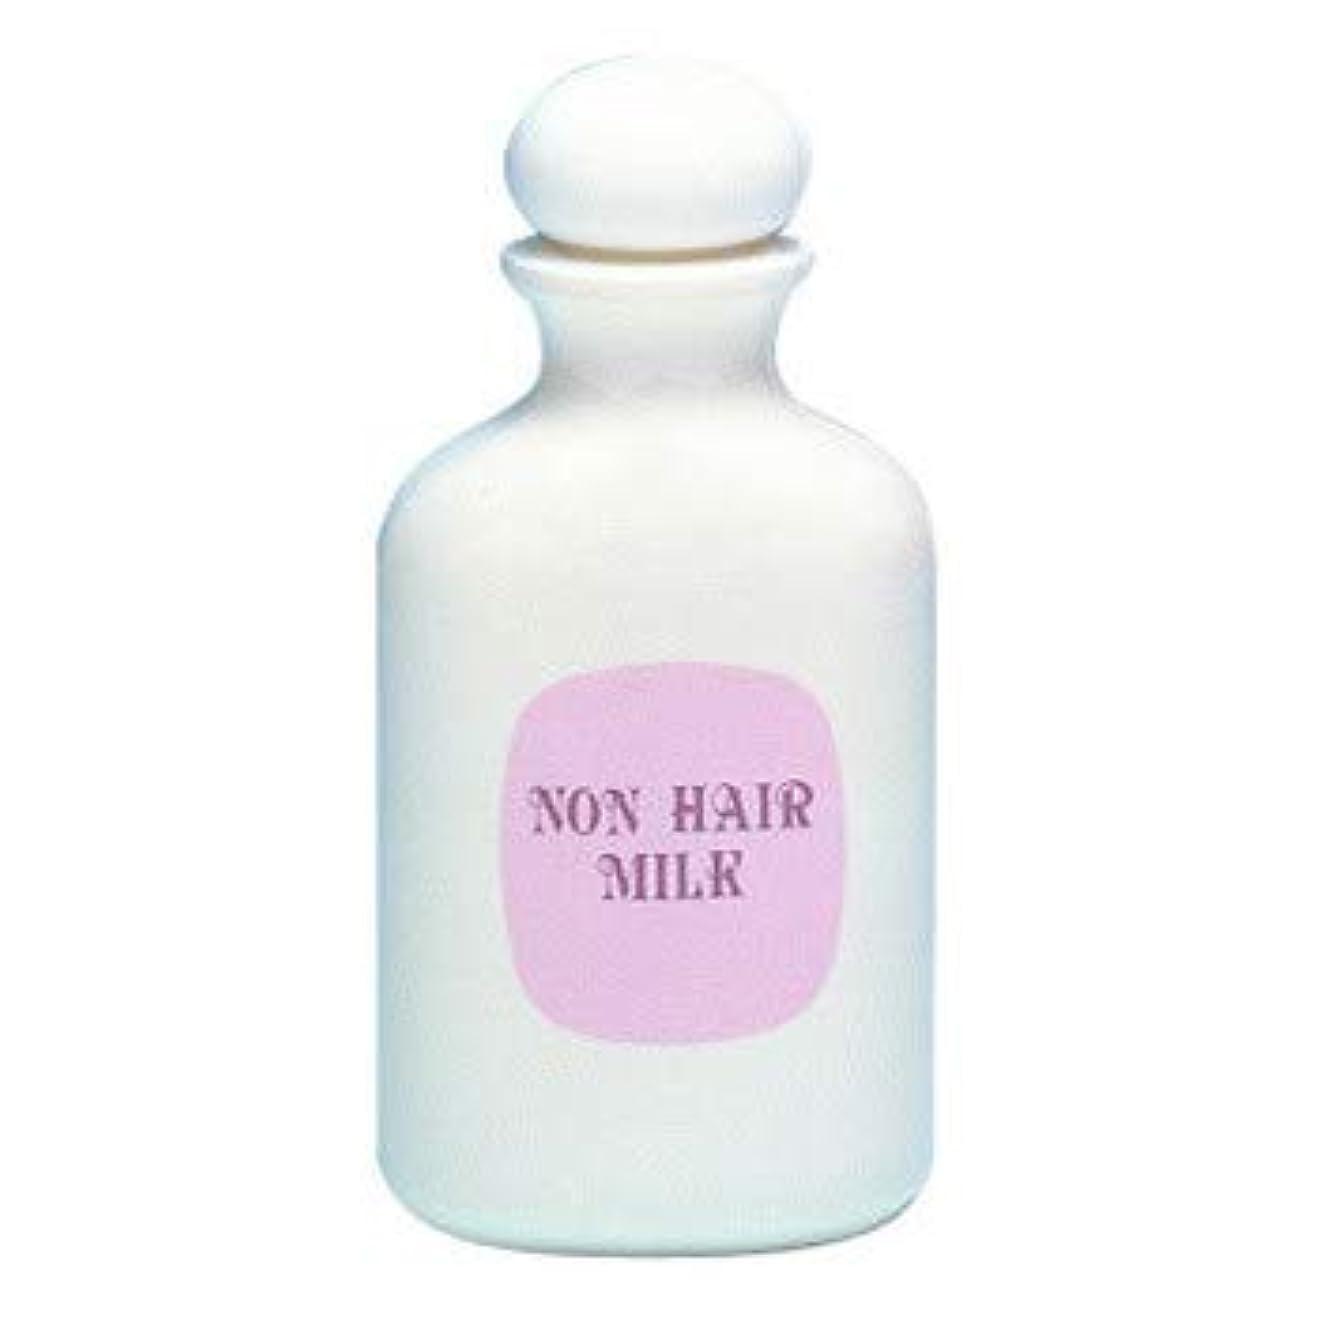 除毛クリーム デリケートゾーン ノンヘアーミルク 大容量200ml ムダ毛処理 脱毛 除毛剤